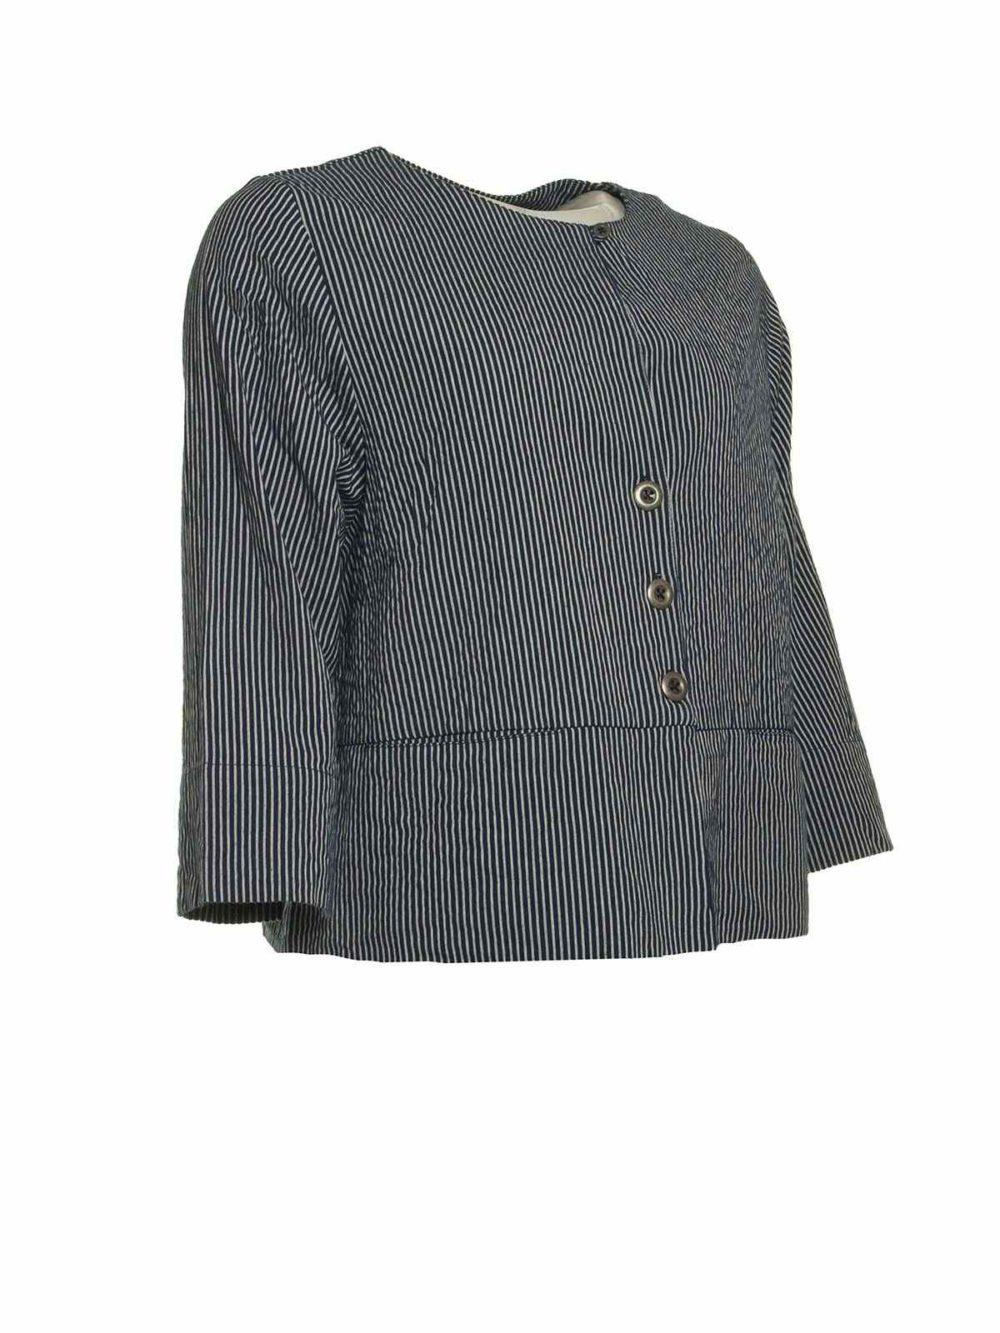 Tabina Jacket Two Danes Katie Kerr Women's Clothing